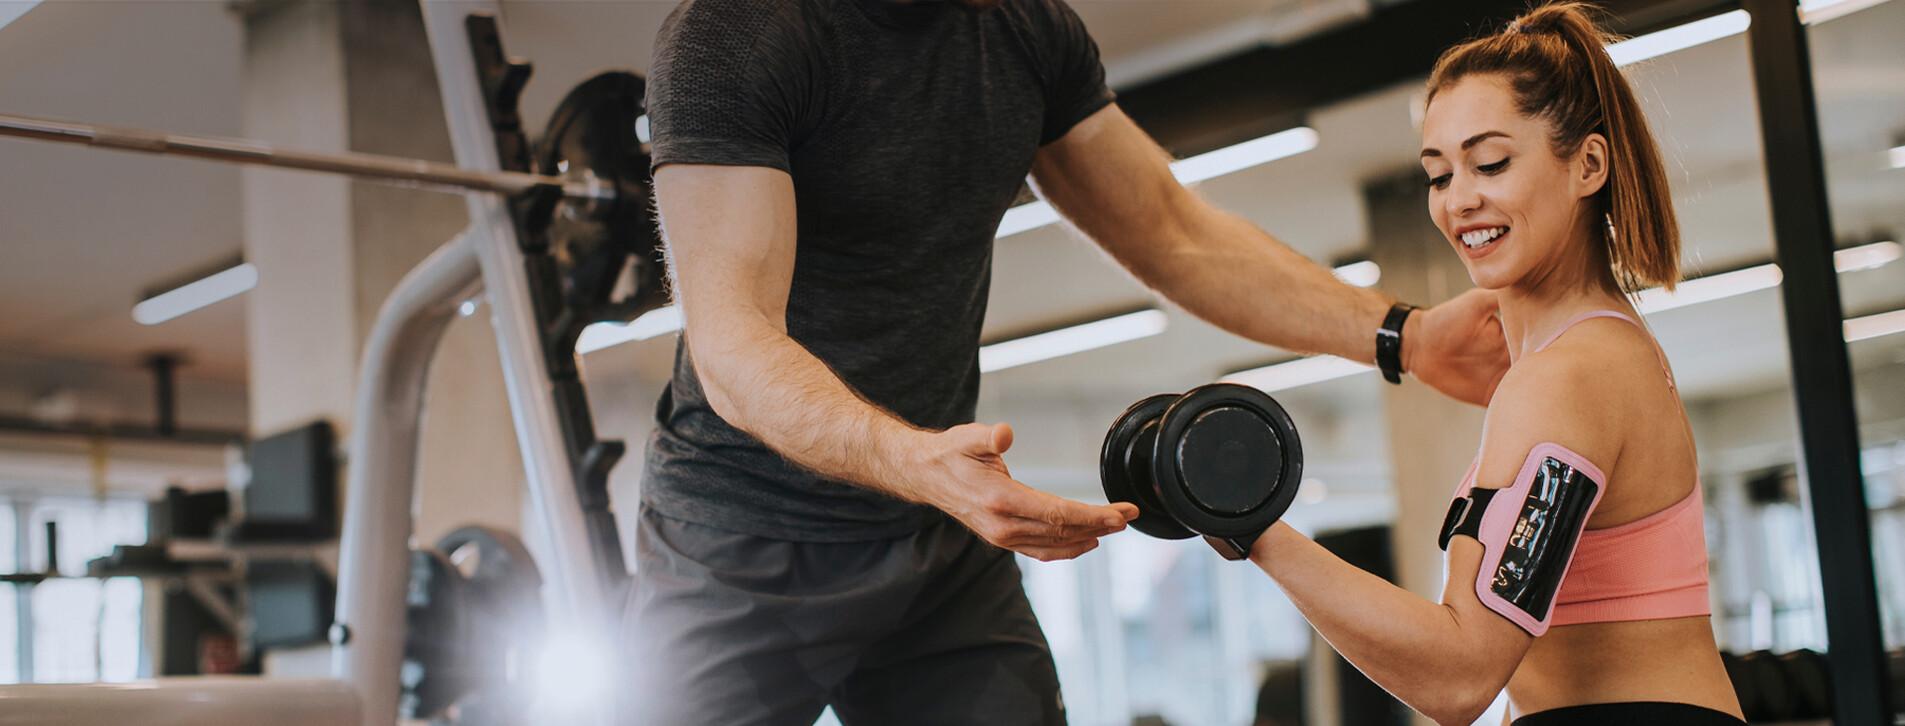 Фото 1 - Персональный тренер в Tsunami fitness